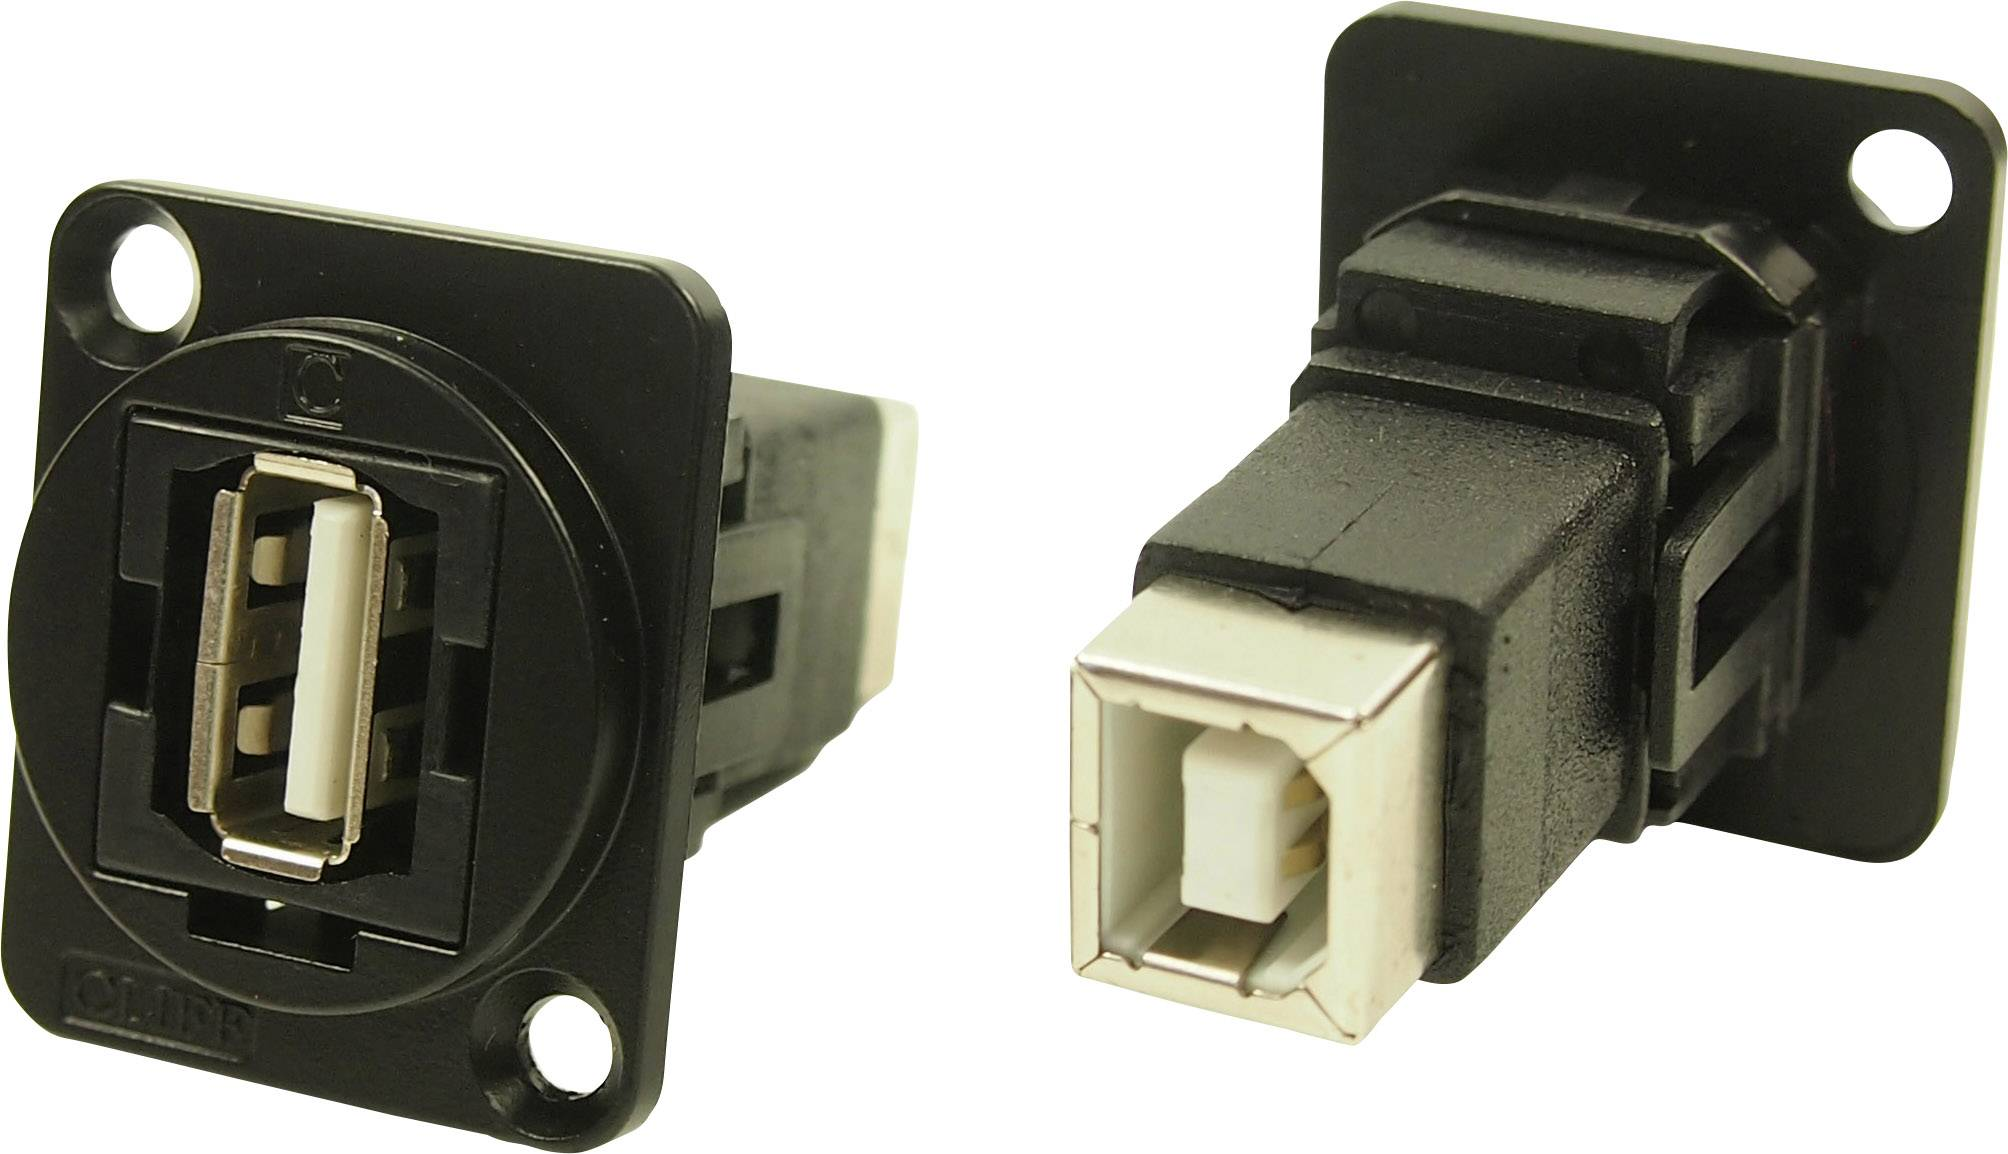 Einbau CP30207N  Clif XLR Adapter USB 2.0 B Buchse auf USB 2.0 A Buchse Adapter